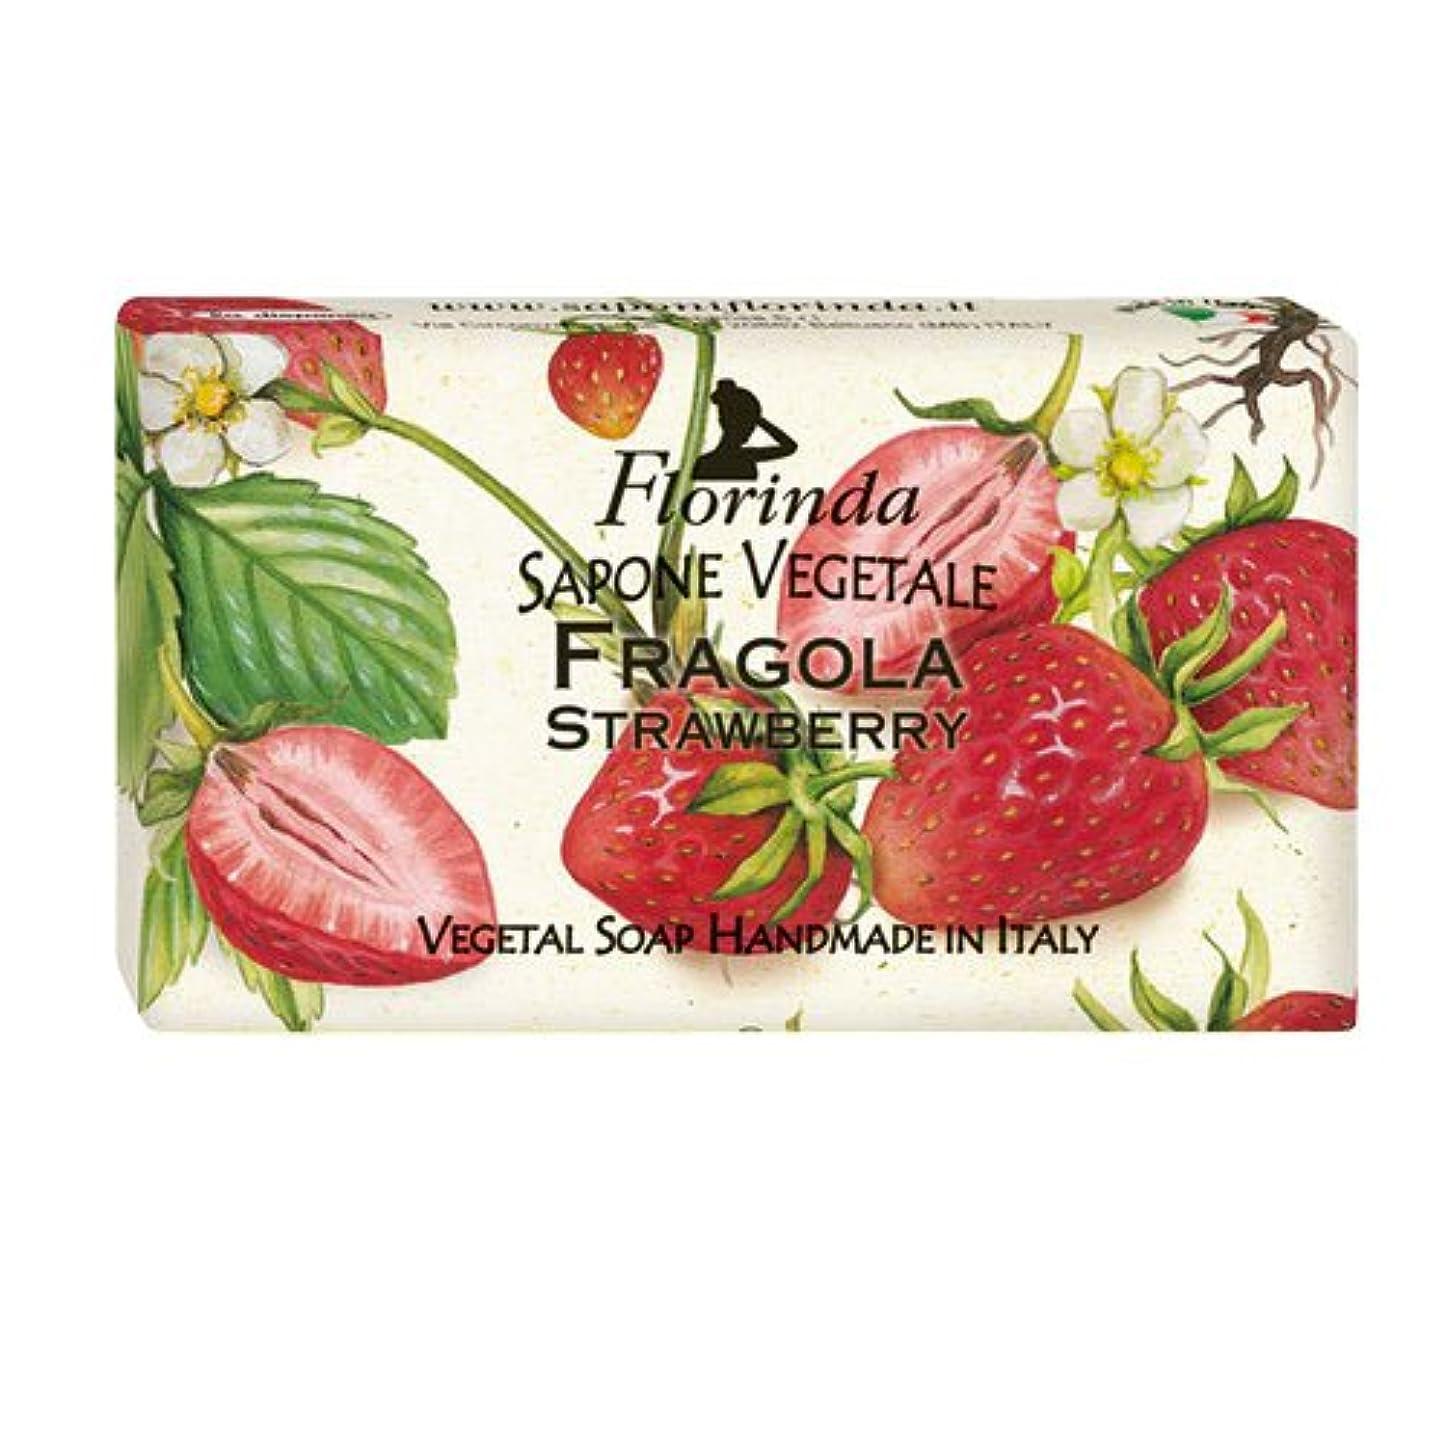 熱狂的な排除するテーブルフロリンダ フレグランスソープ フルーツ ストロベリー 95g